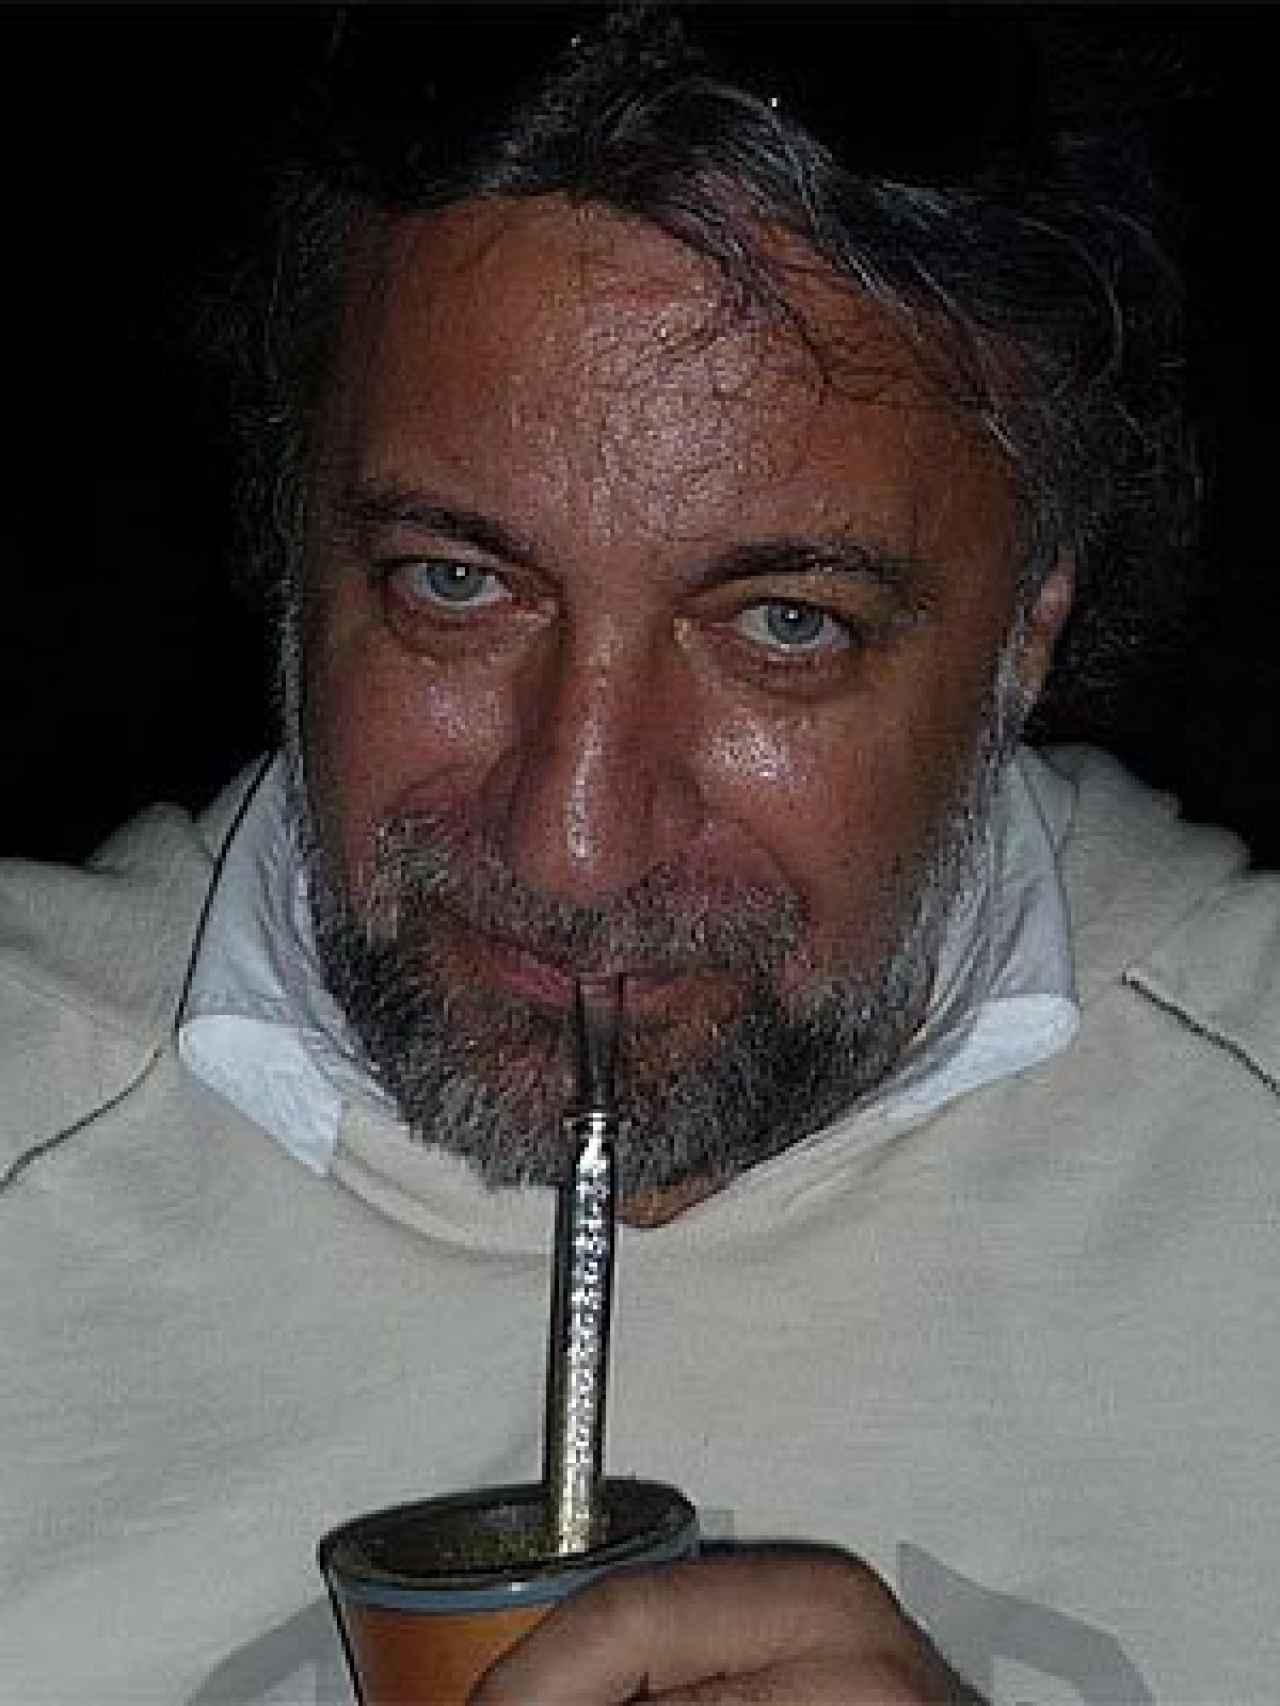 Julián Lago, en la última etapa de su vida, bebiendo mate en Paraguay